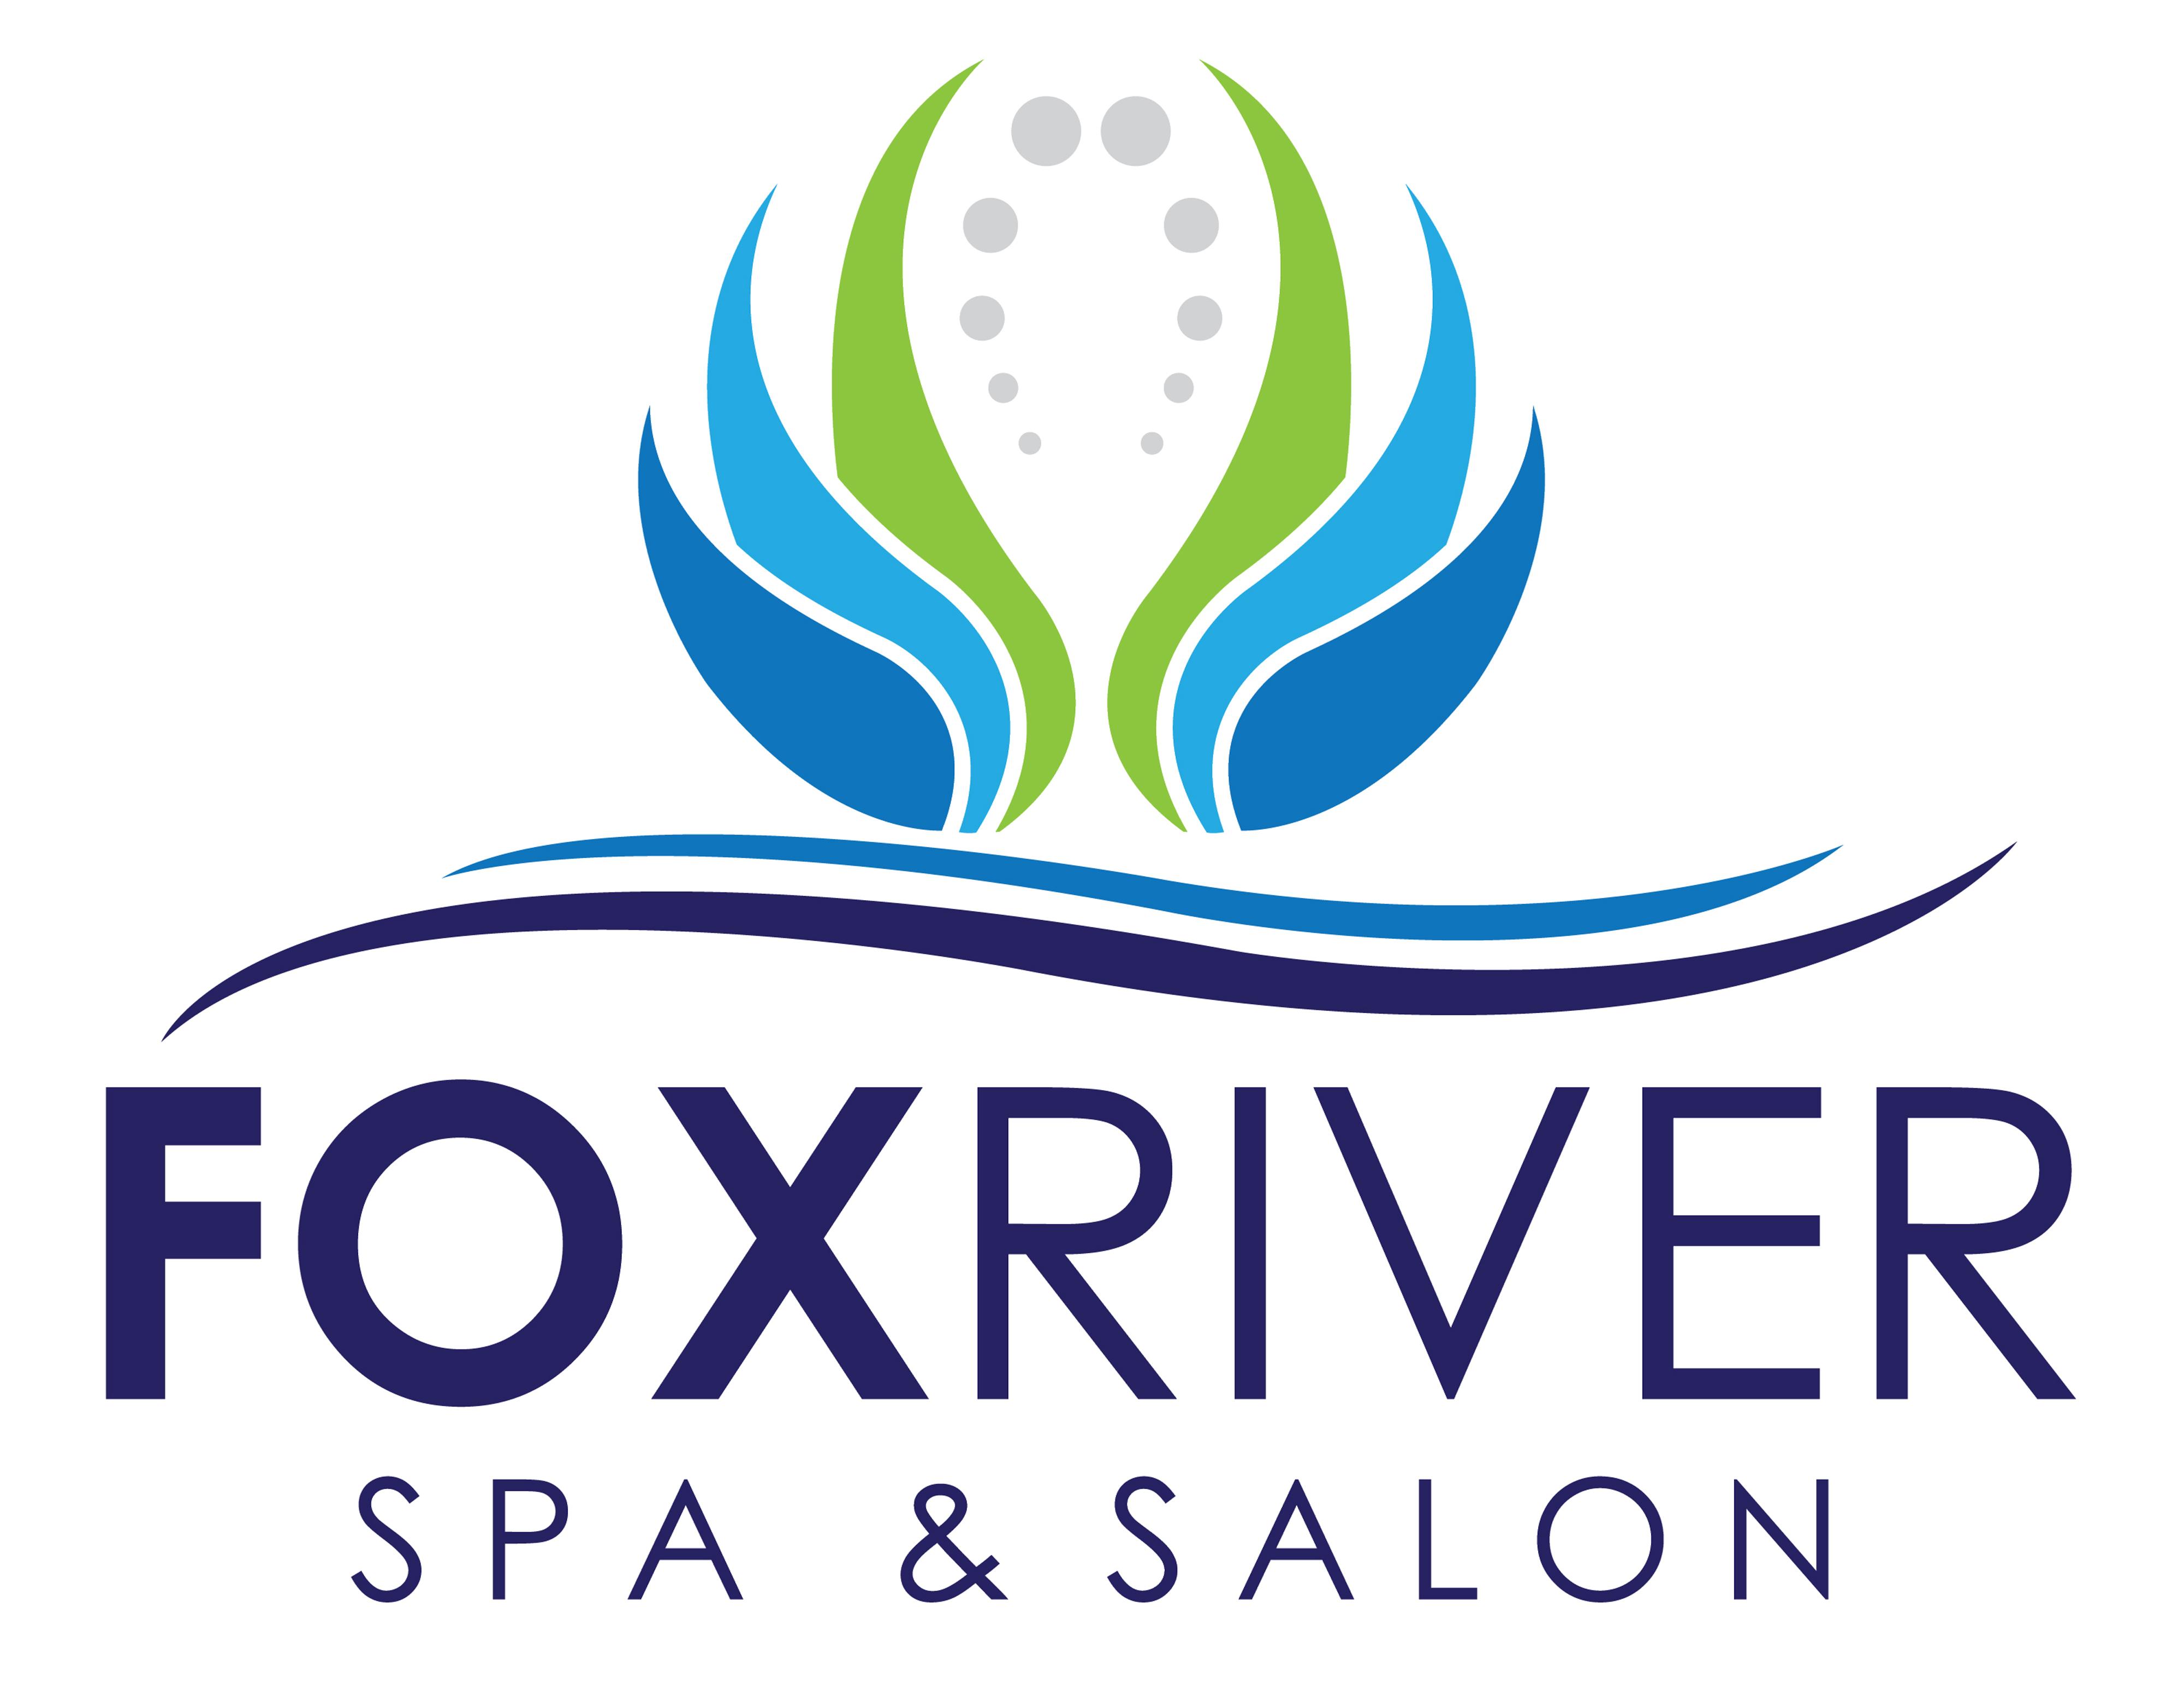 Fox River Spa